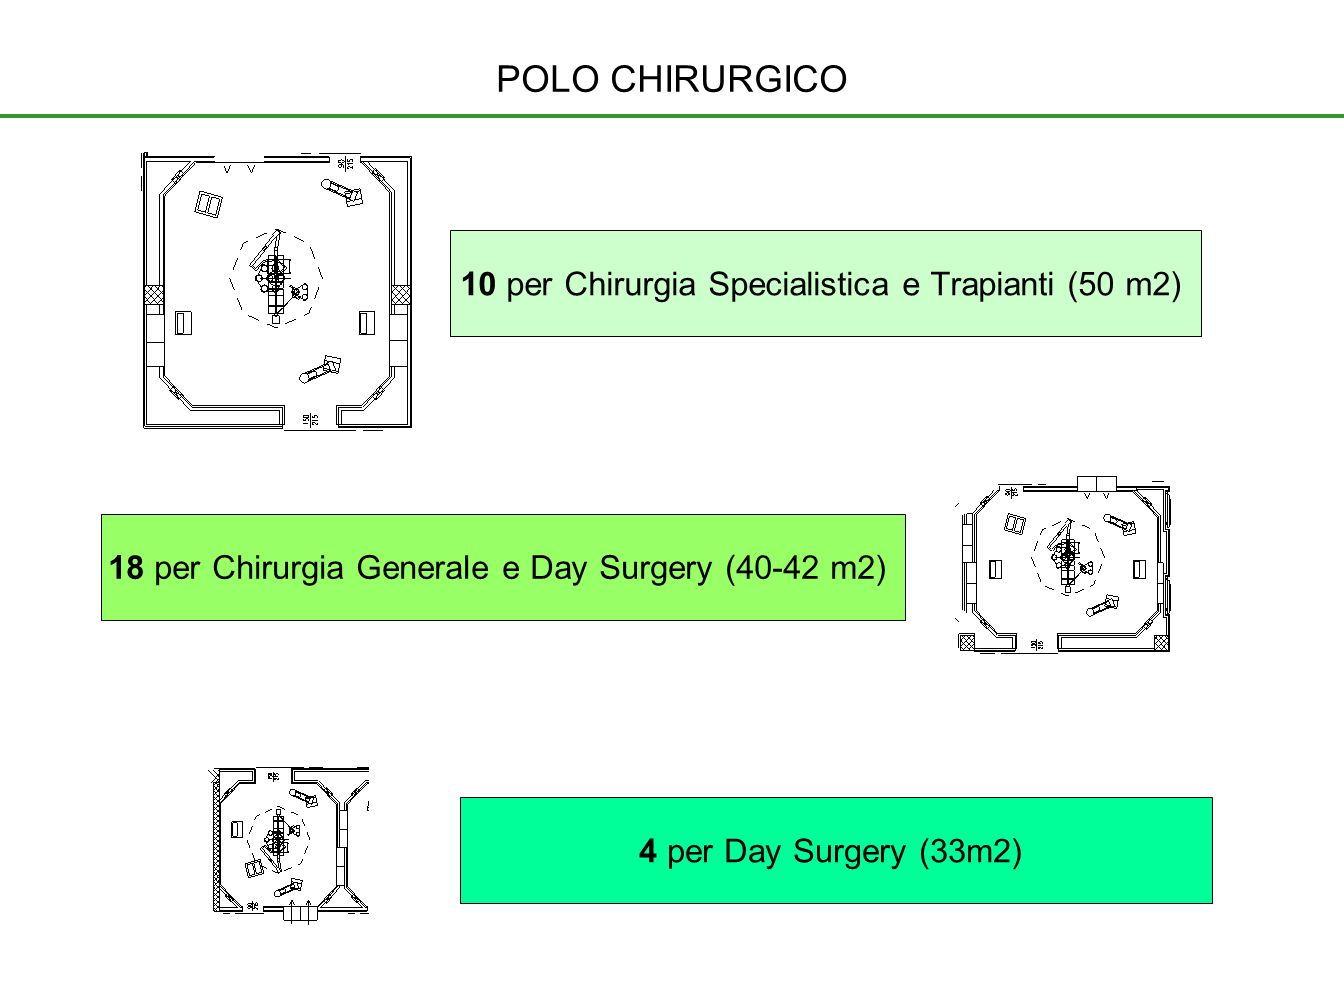 POLO CHIRURGICO 10 per Chirurgia Specialistica e Trapianti (50 m2)